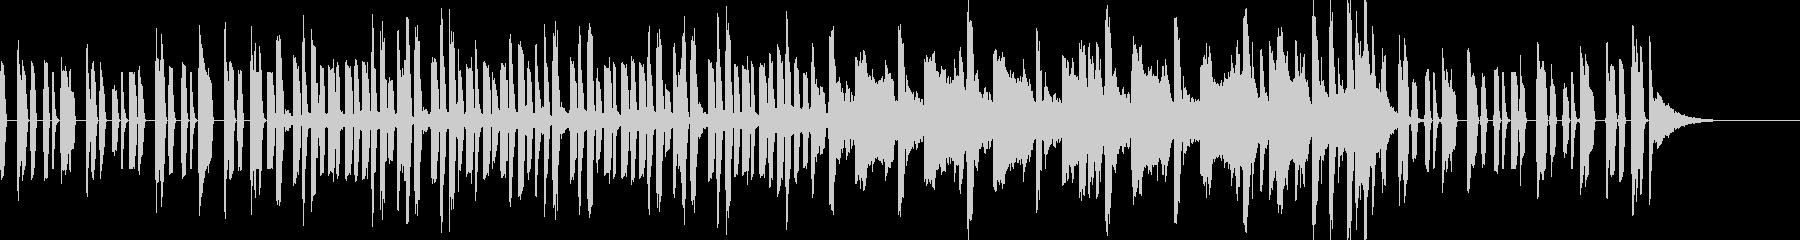 ベースとドラムが印象的なEDMジングルの未再生の波形